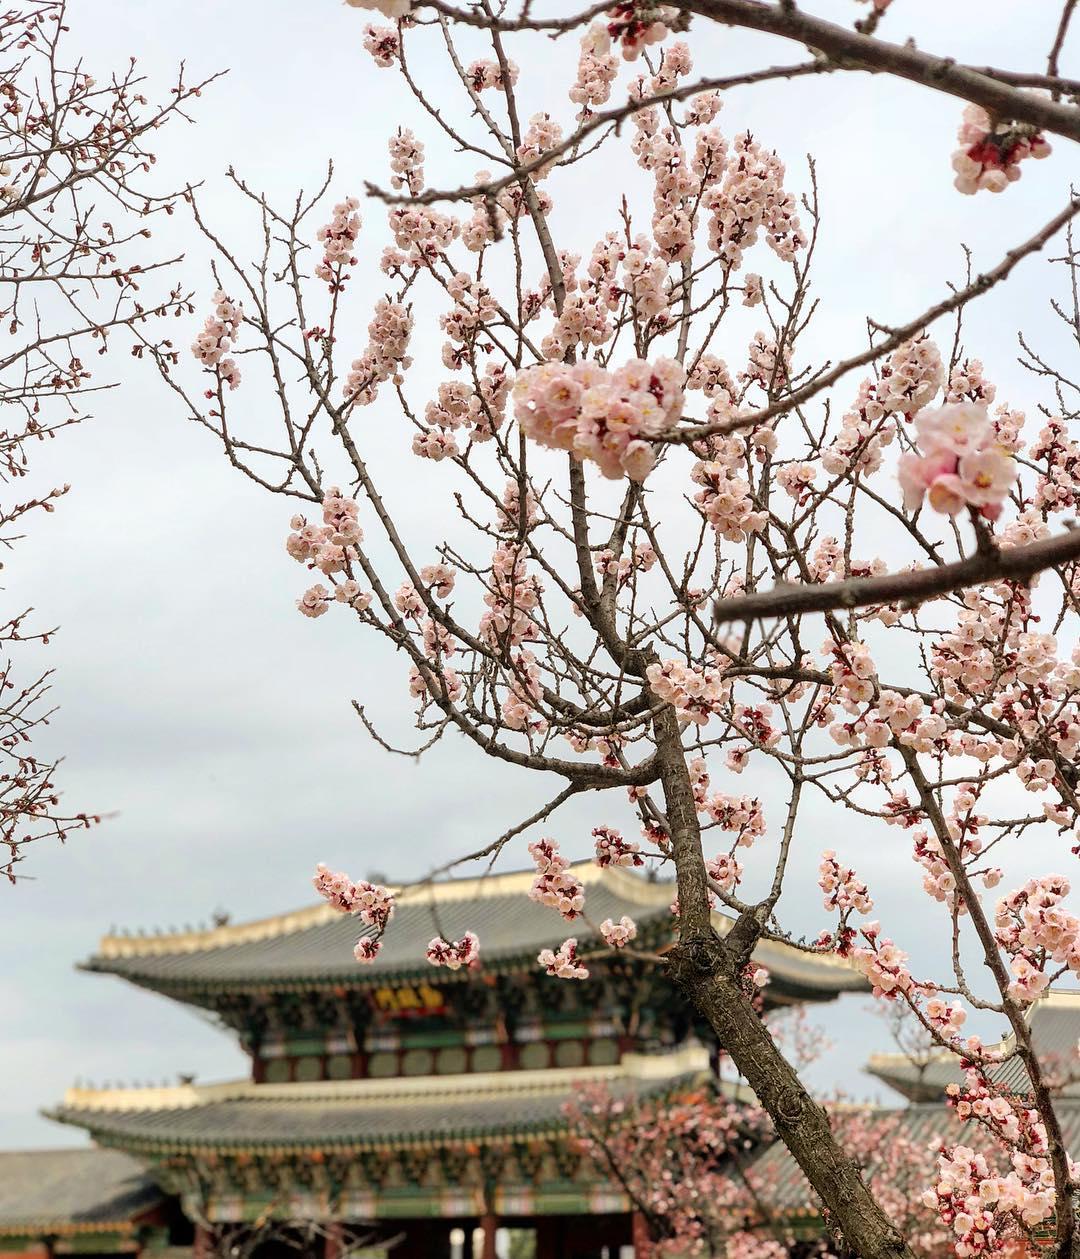 18 địa điểm ngắm hoa anh đào bạn không thể bỏ lỡ mùa xuân này 24